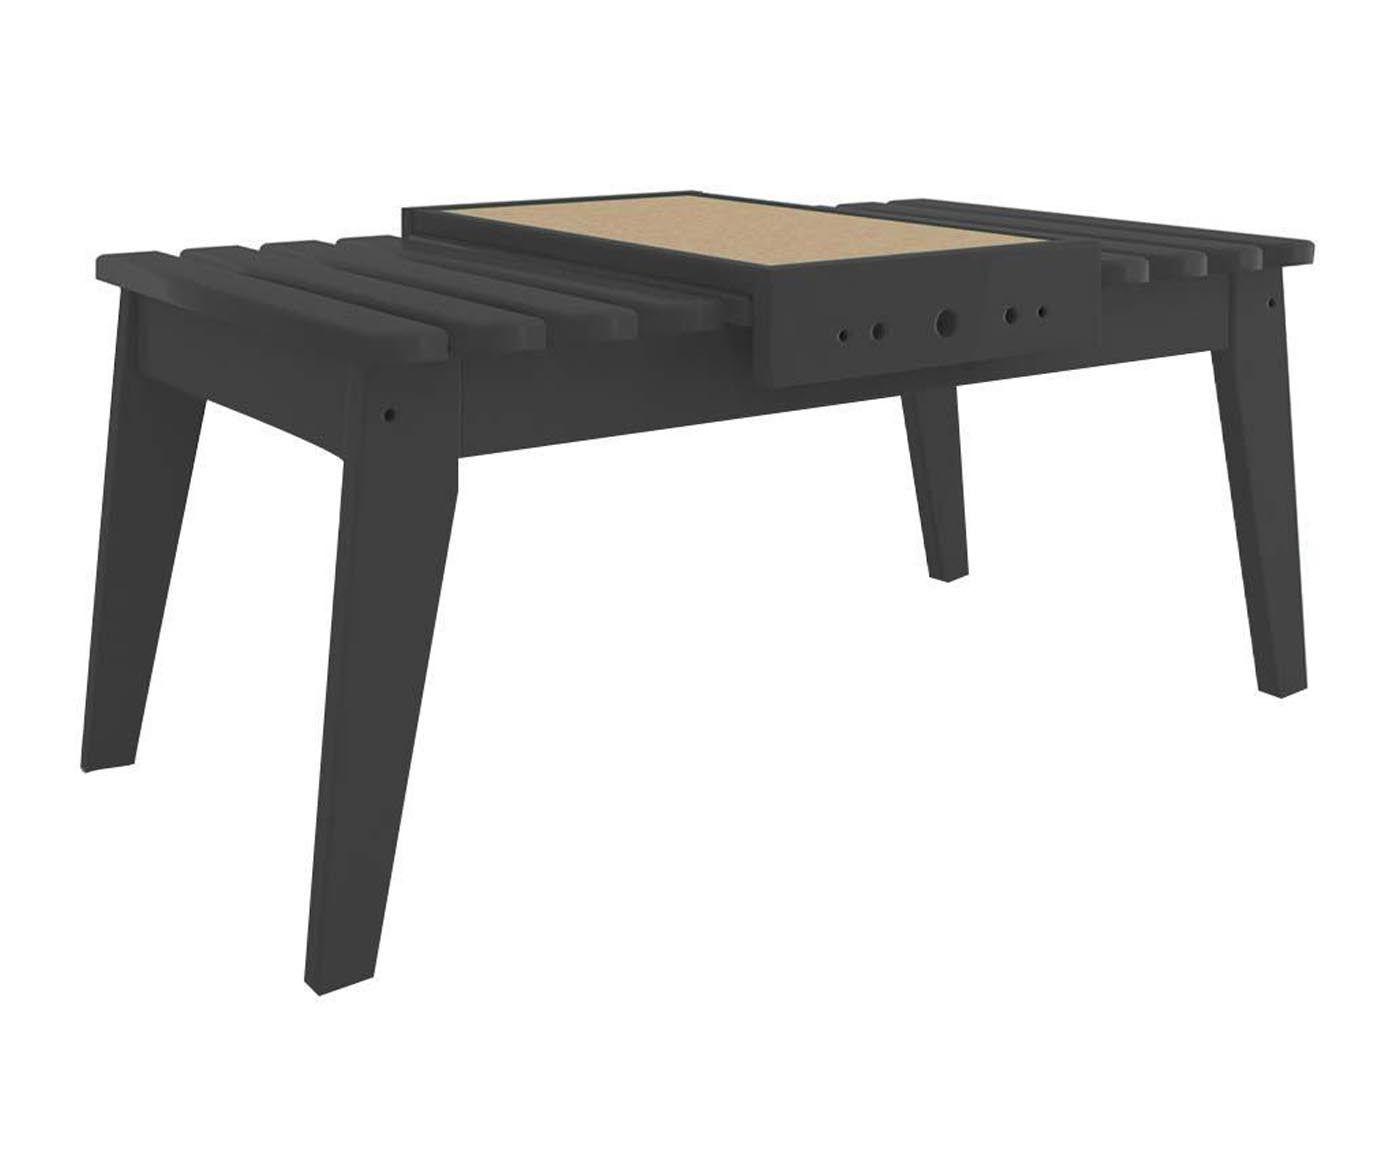 Mesa de centro new design nuit - 95x50cm   Westwing.com.br